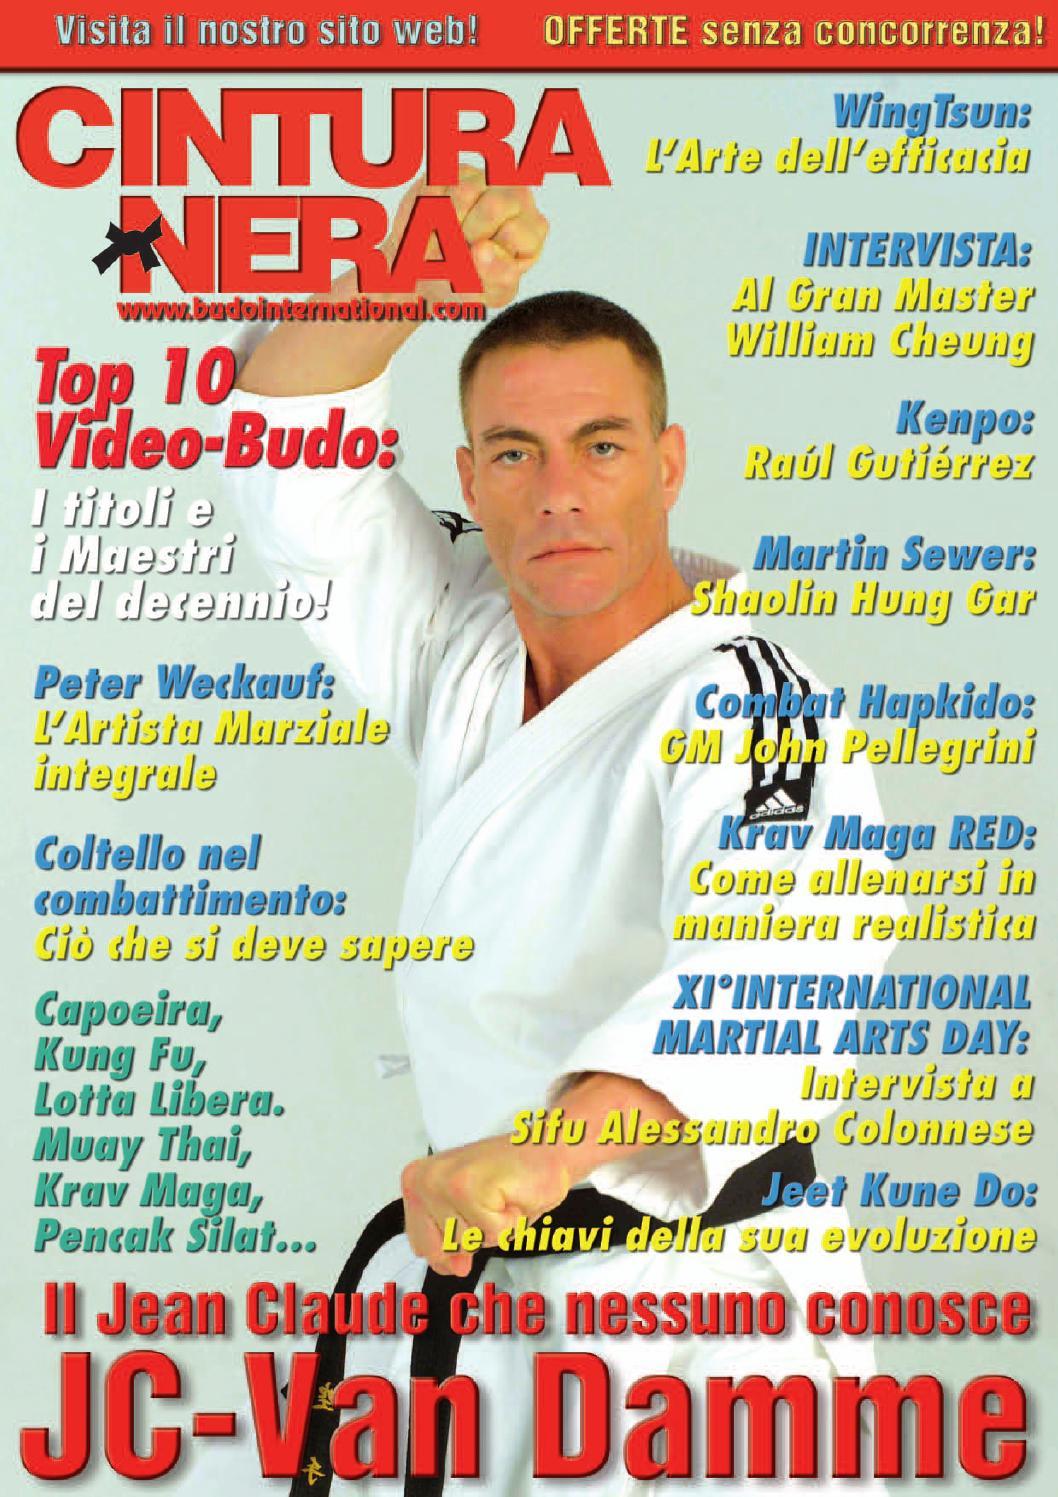 Blu Aikido Karate Ju Jitsu Rosso Kickboxing Judo Cover in Cotone Itaki Cintura Professionale Arti Marziali e Sport da Combattimento Colori: Nero Taekwondo